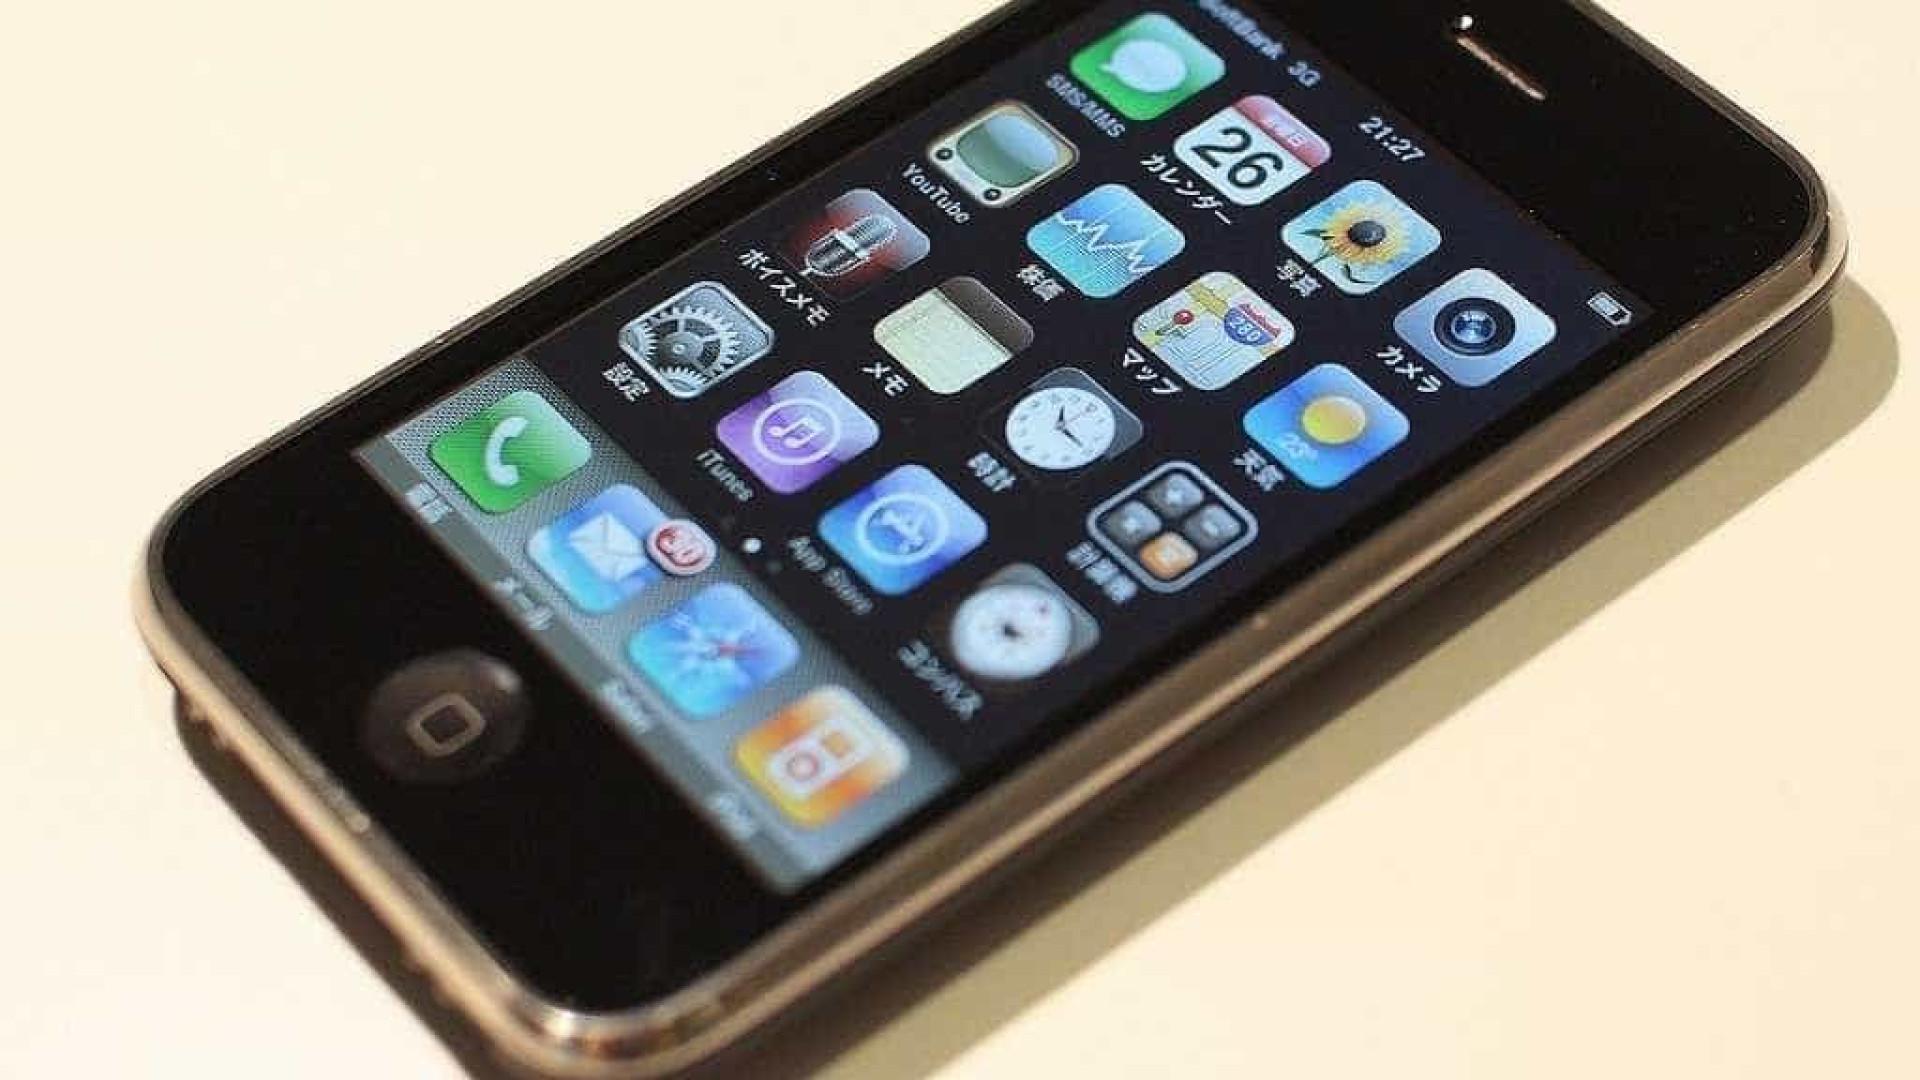 A Coreia do Sul 'ressuscitou' o iPhone 3GS